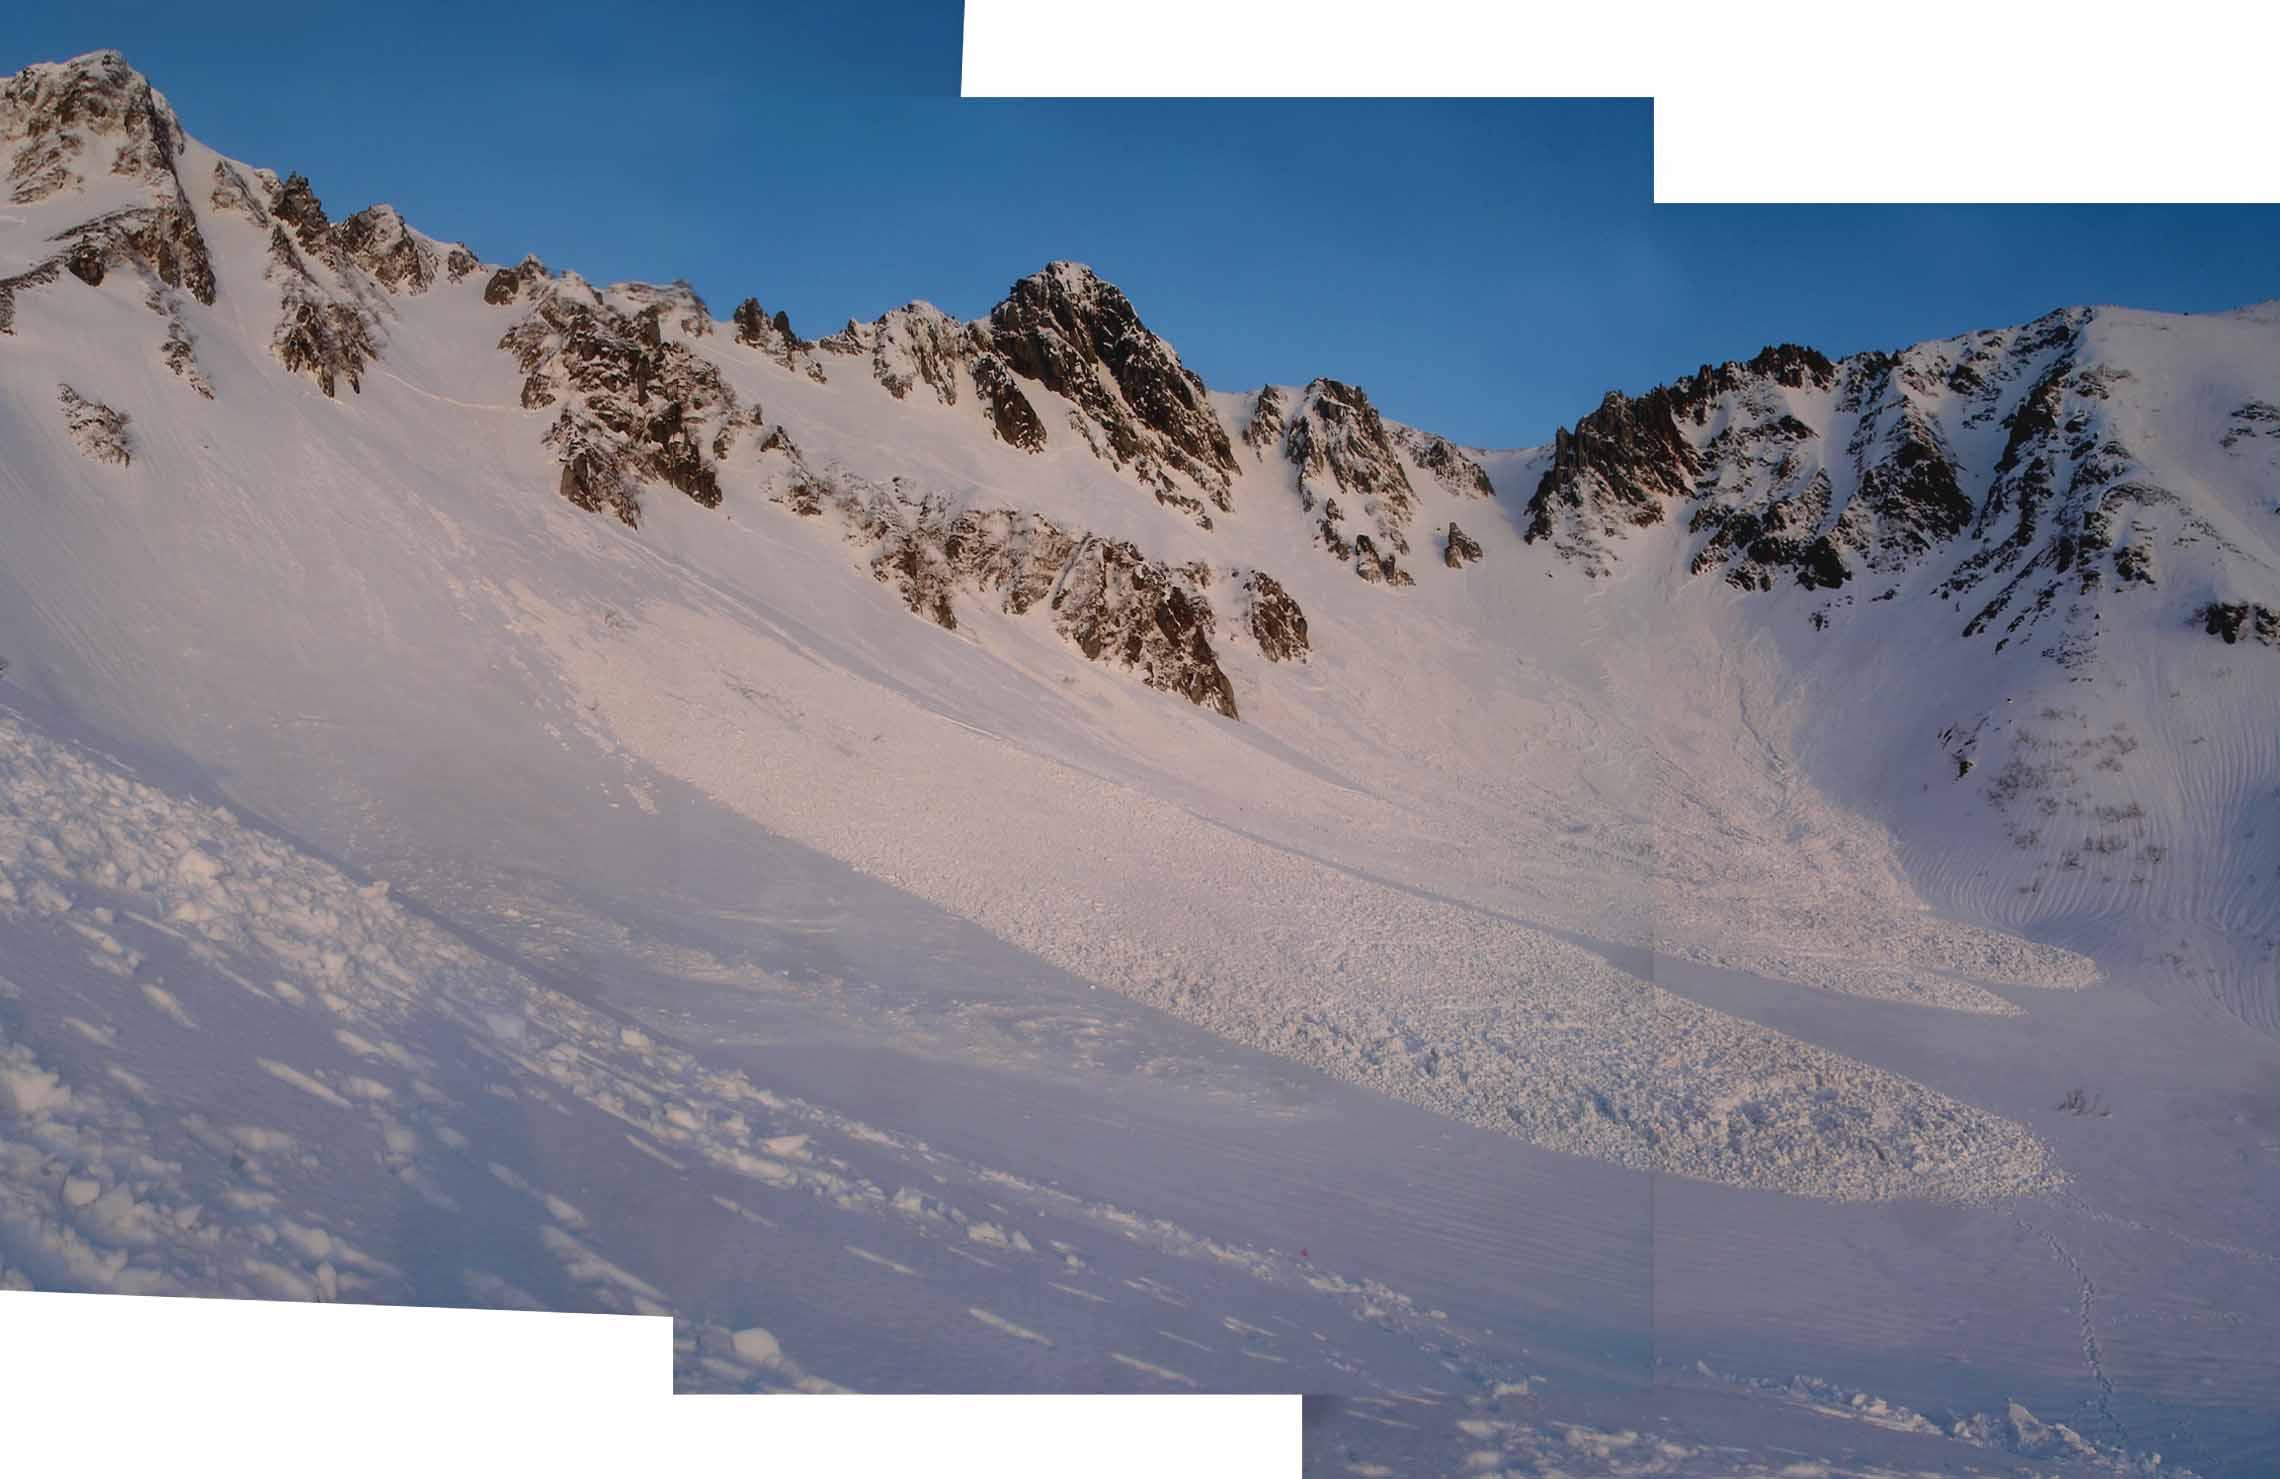 千畳敷の雪崩群(3連)